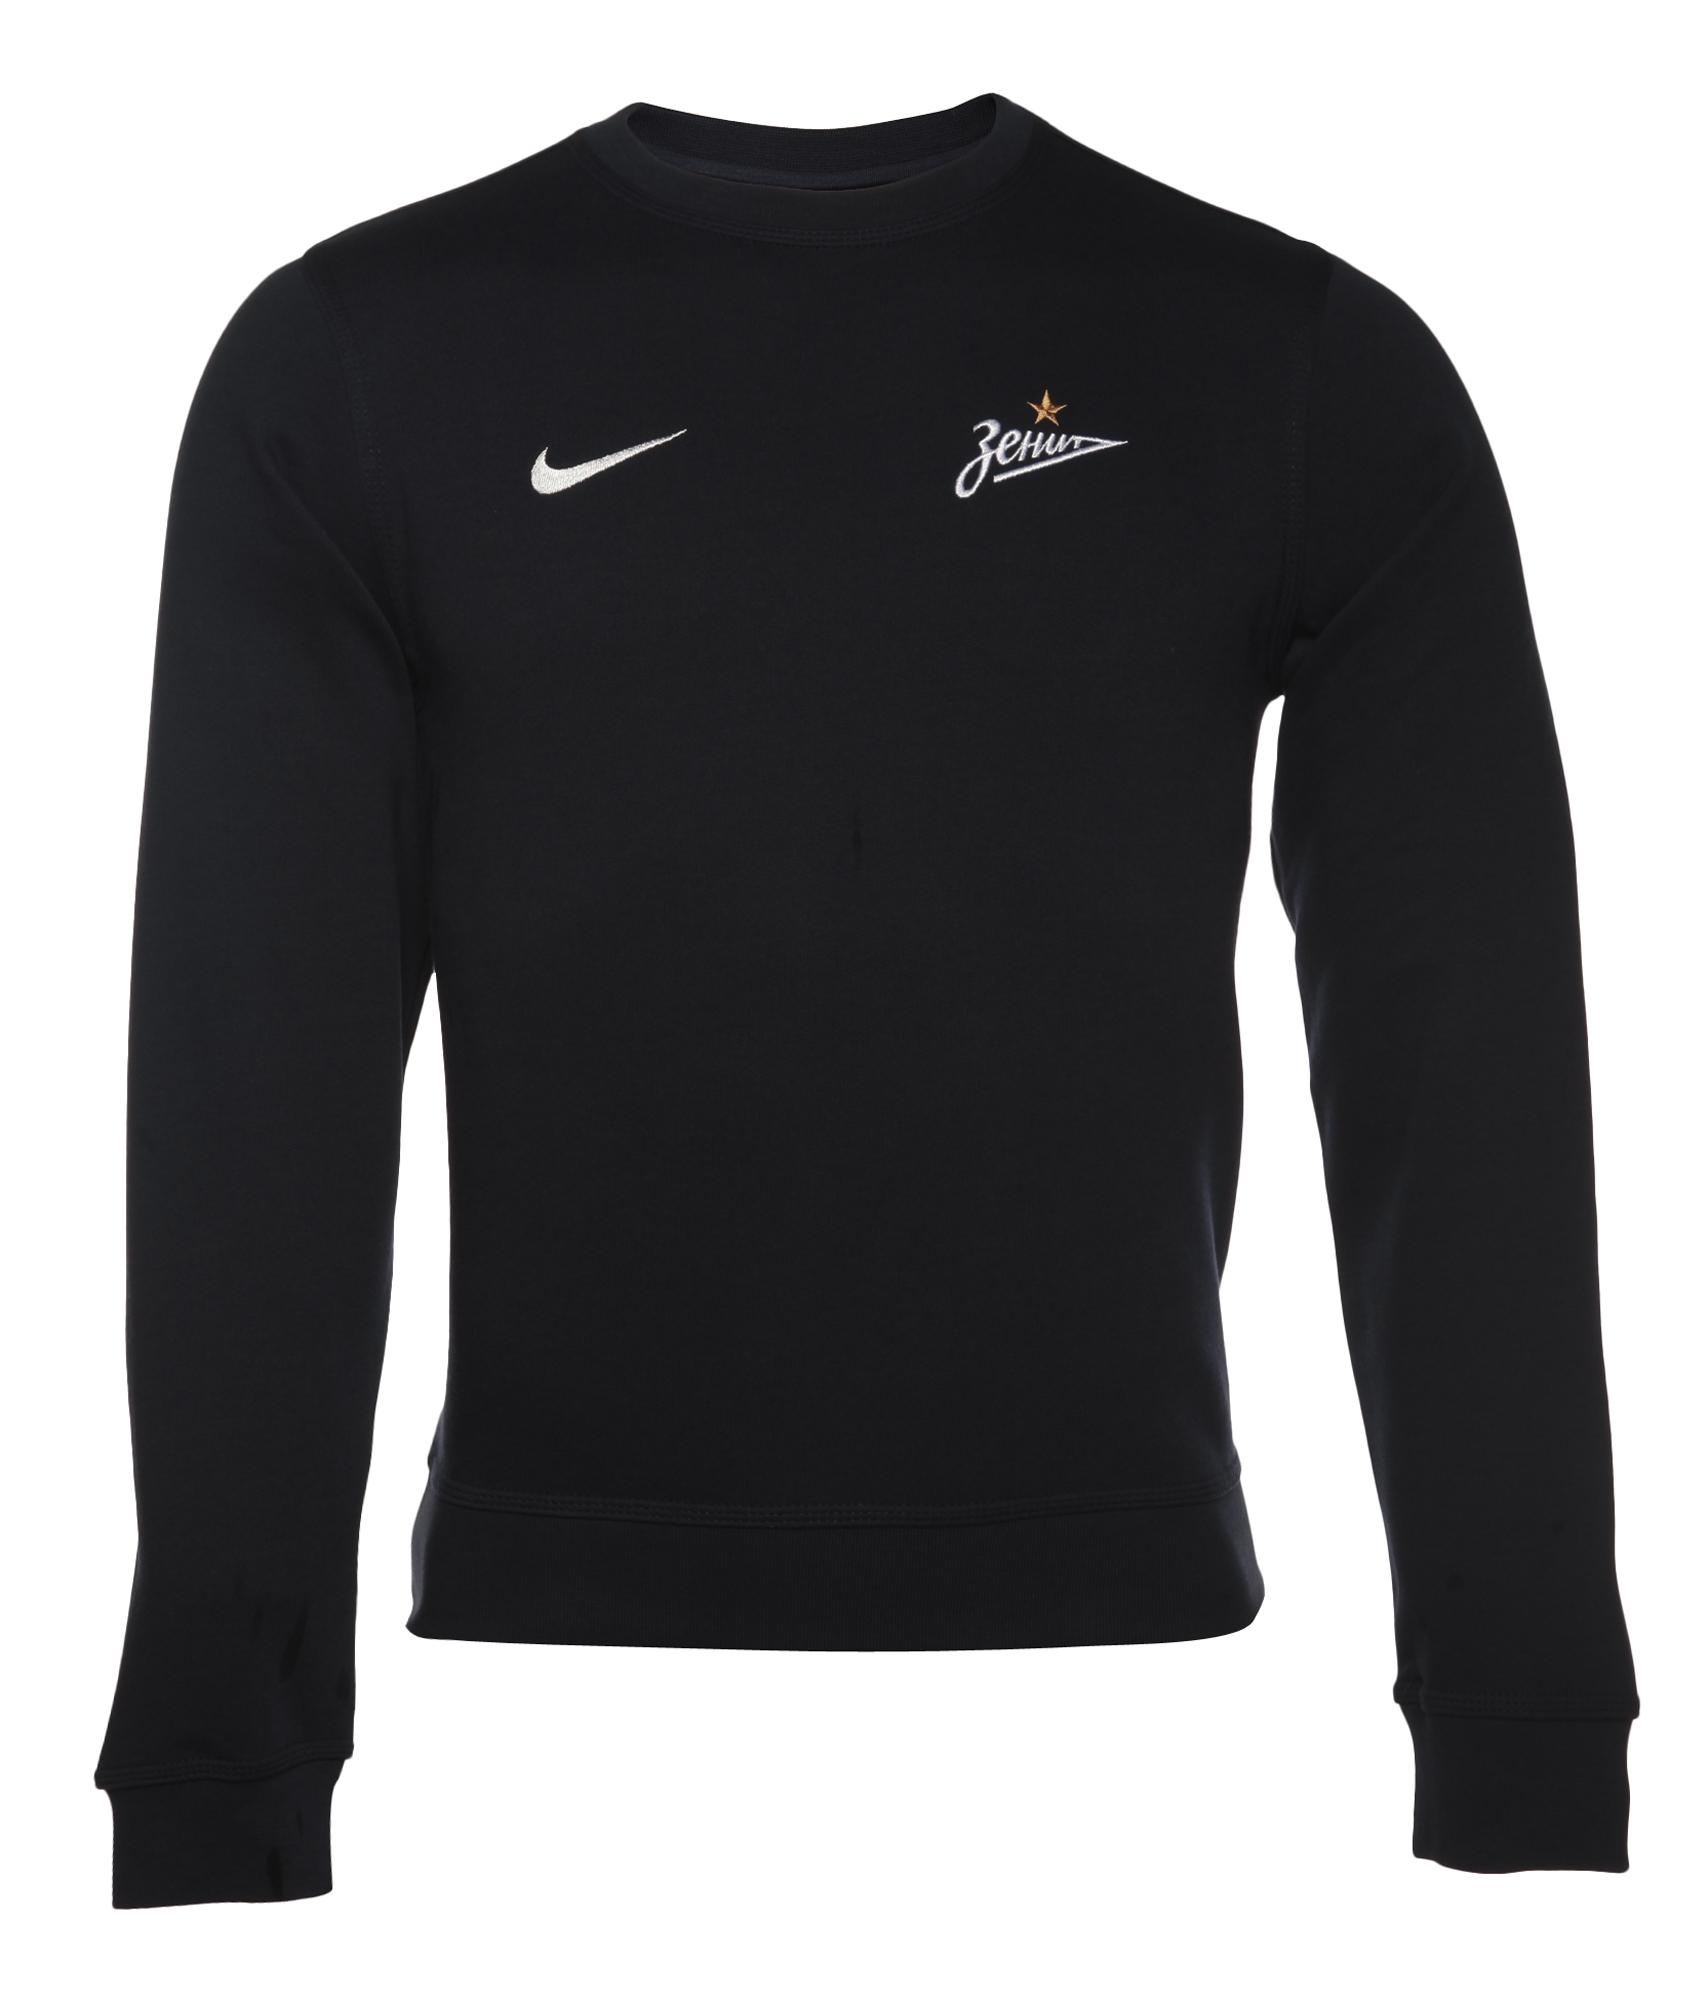 купить Джемпер Nike TEAM CLUB CREW, Цвет-Темно-Синий, Размер-XL недорого